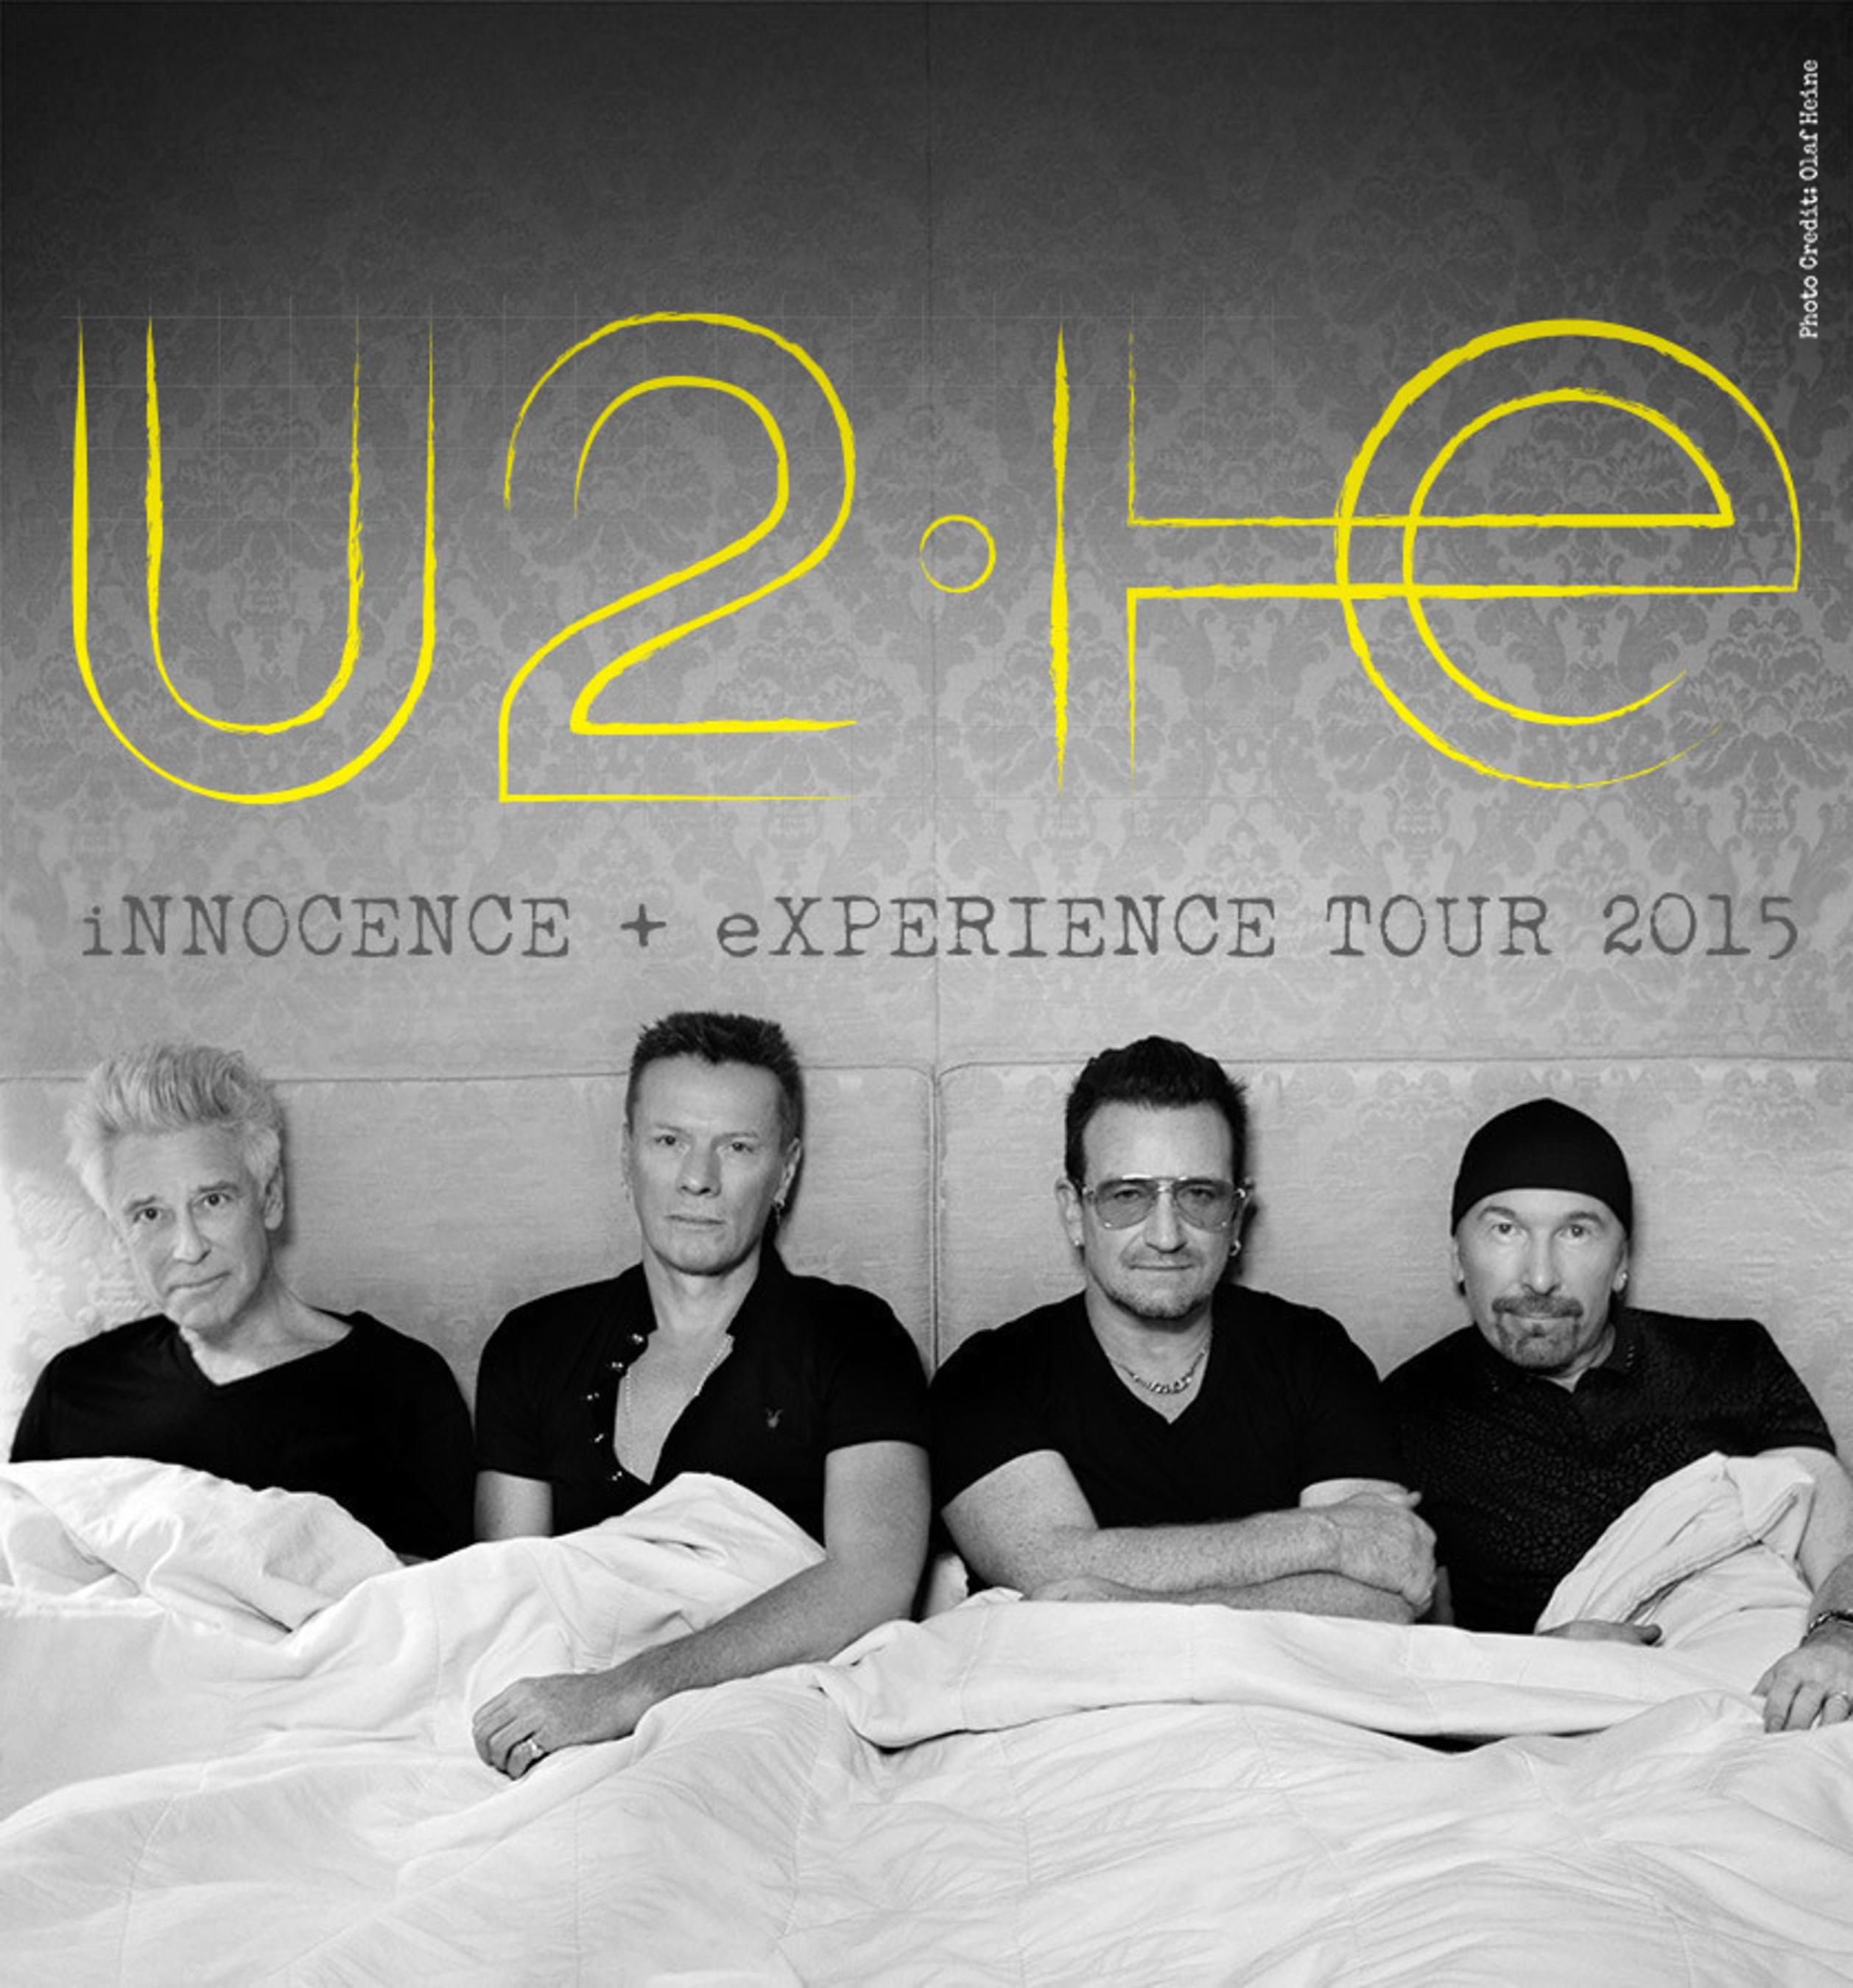 Kartenverkauf für die U2 The iNNOCENCE + eXPERIENCE Tour 2015 ein Triumph!